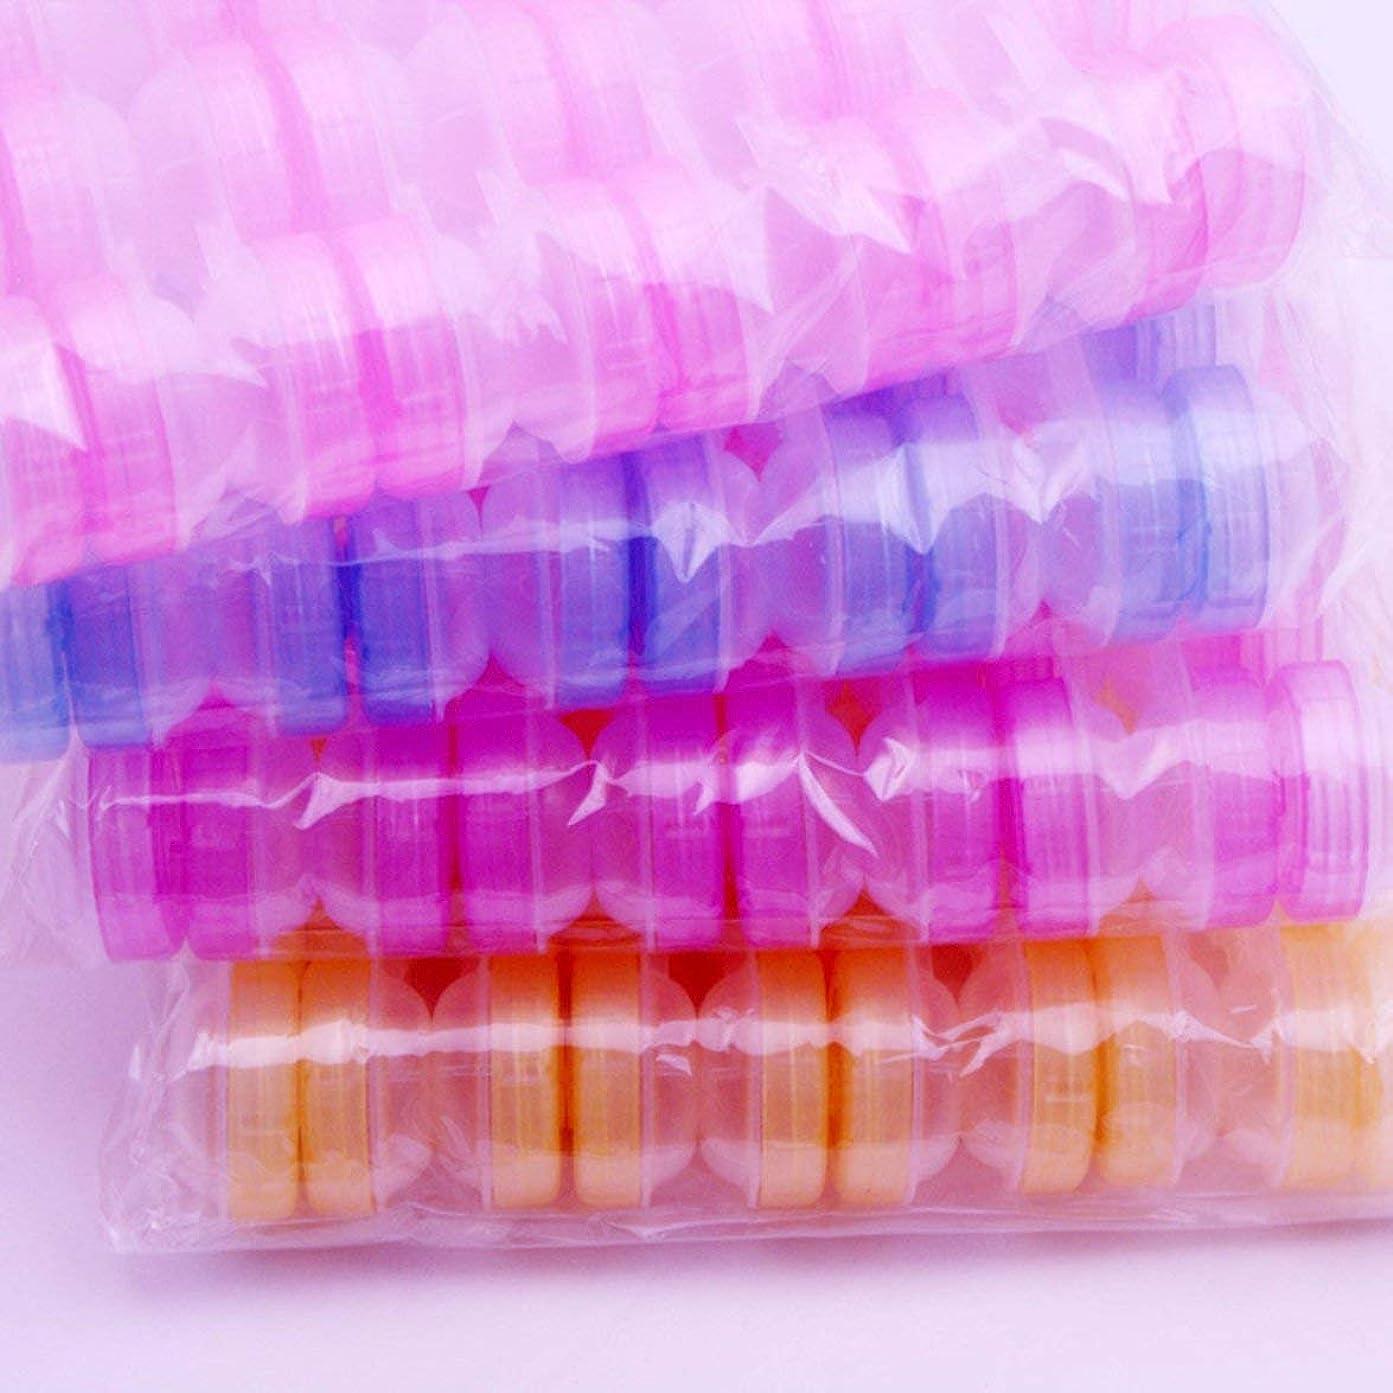 リットル見分ける希少性Intercorey 10ピース透明コンタクトレンズケースダブルボックス透明美容メイトボックス美容ケアボックス見えないボックス